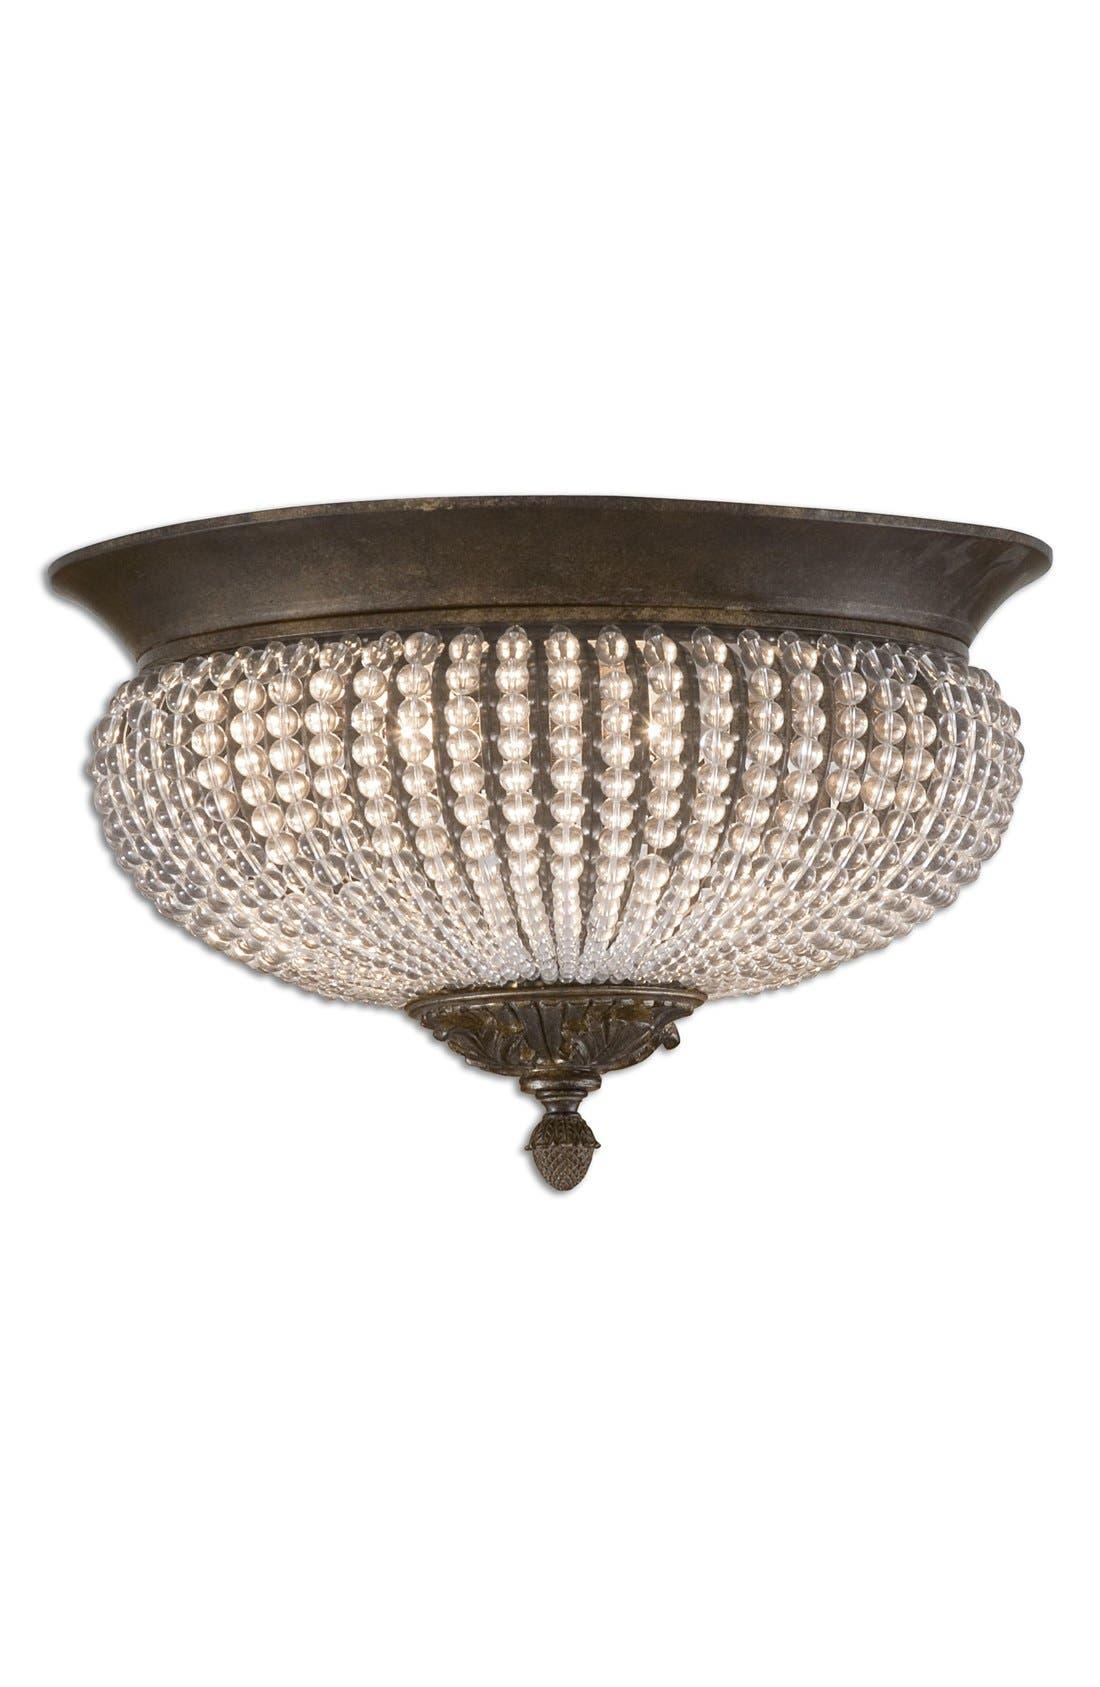 Main Image - Uttermost 'Cristal de Lisbon' Ceiling Light